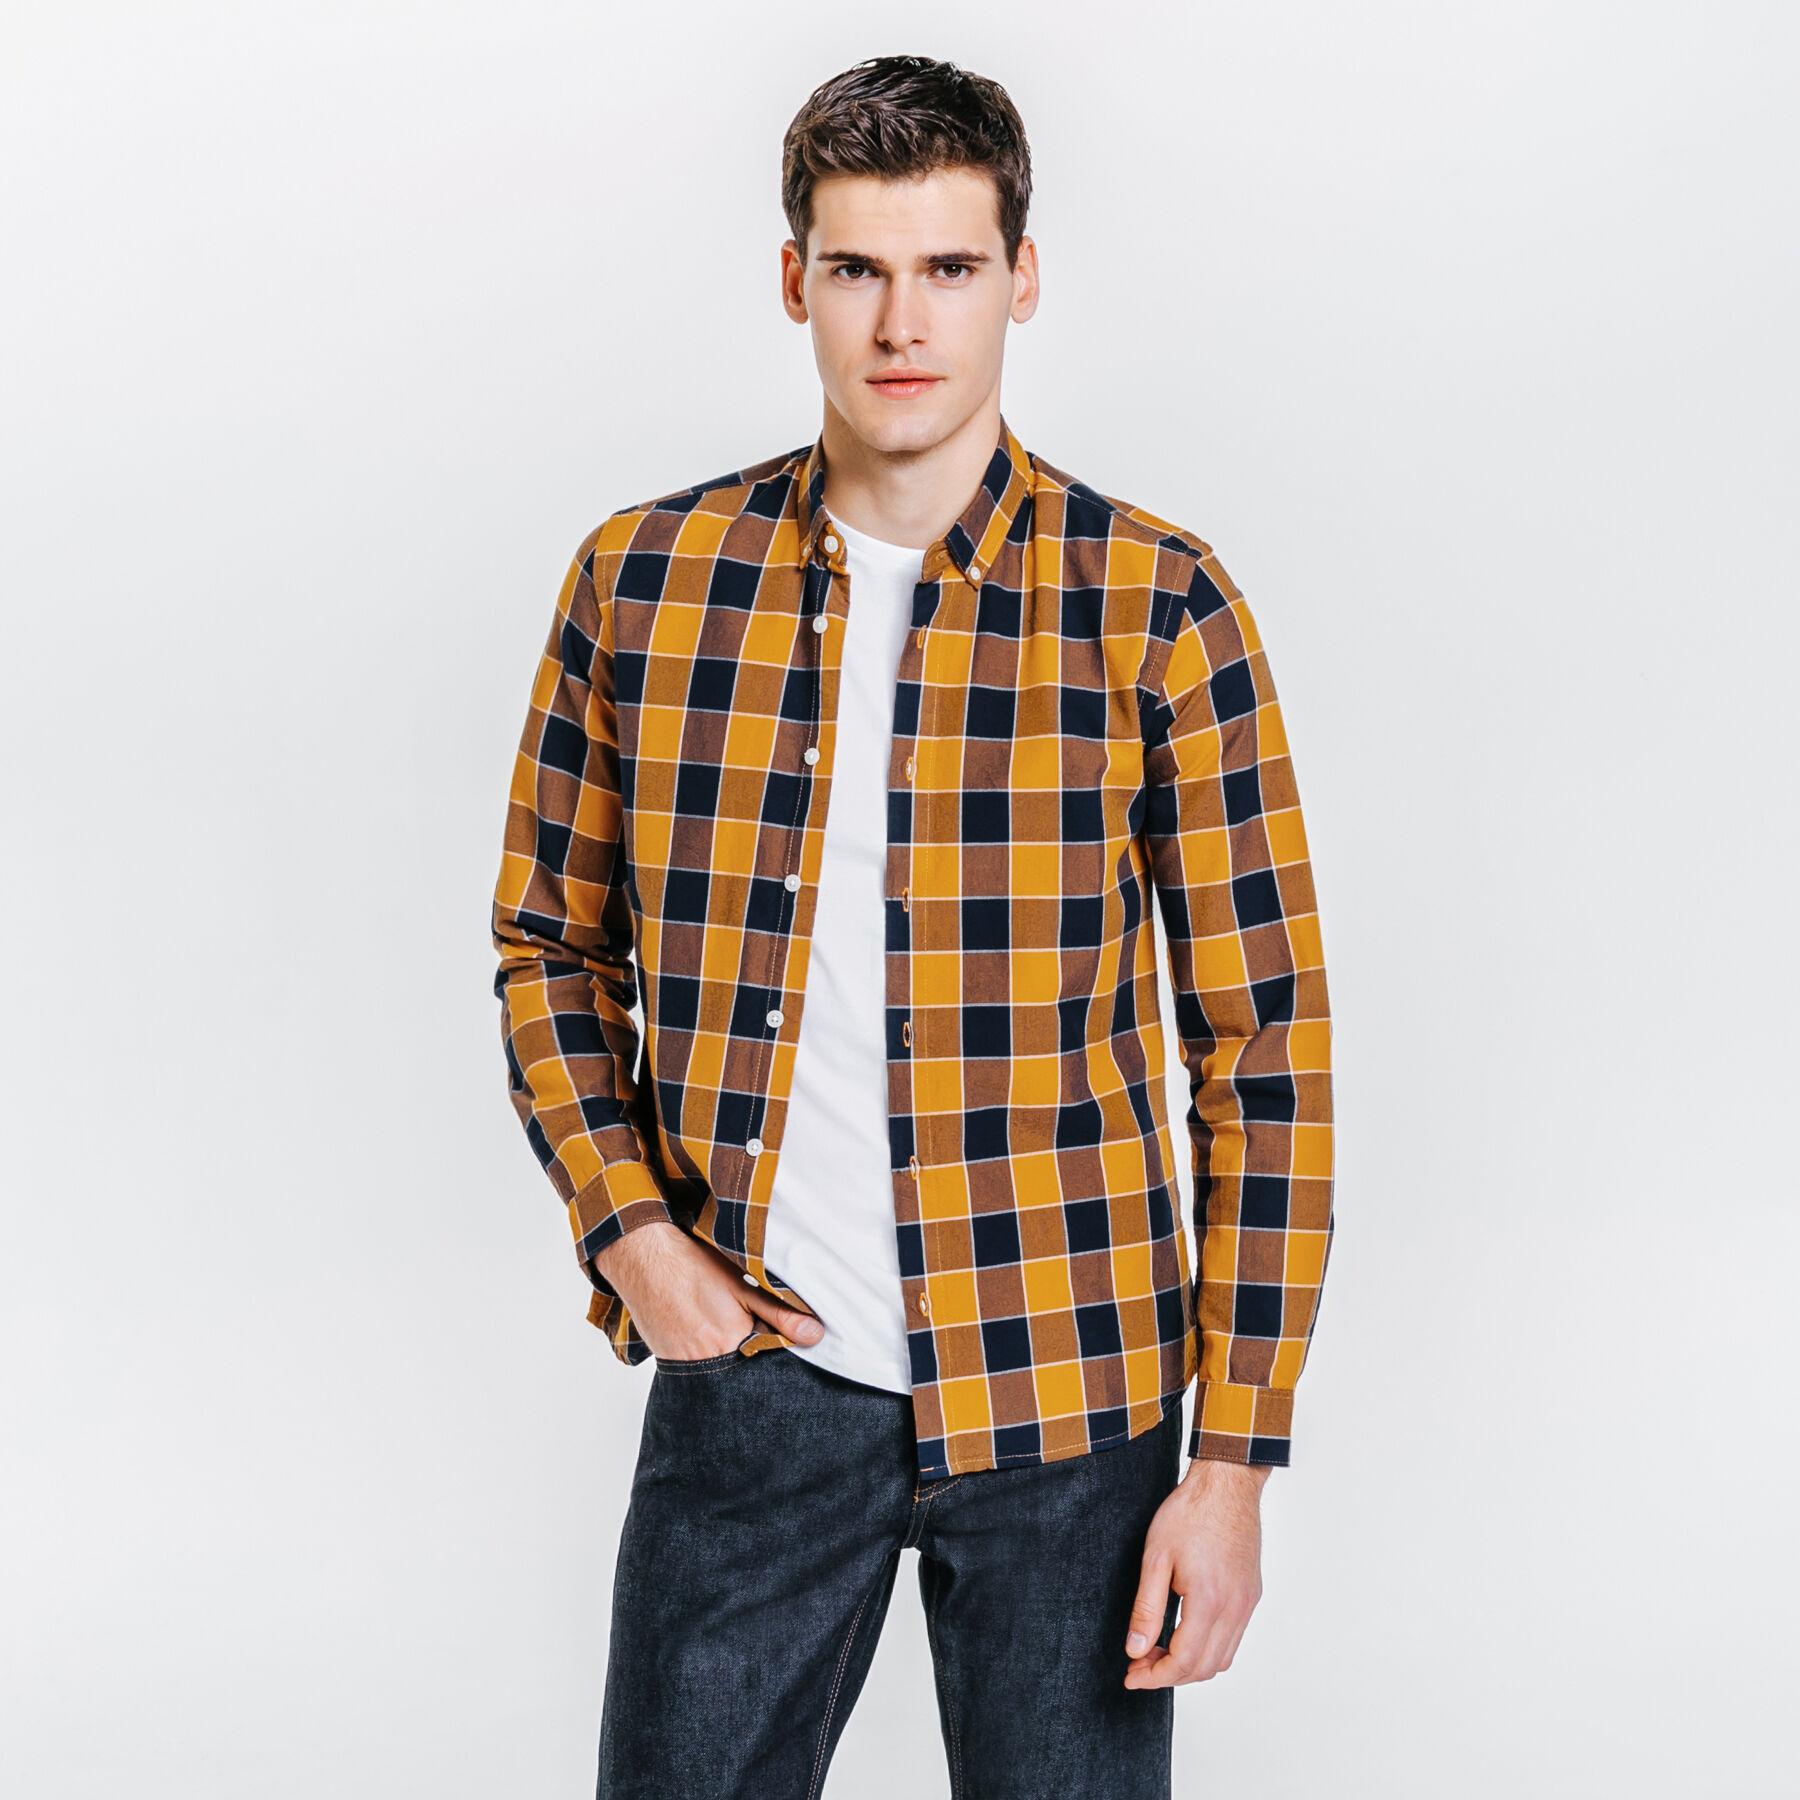 de style élégant professionnel de la vente à chaud gamme exclusive Chemise slim à carreaux Jaune Moutarde Homme - Jules